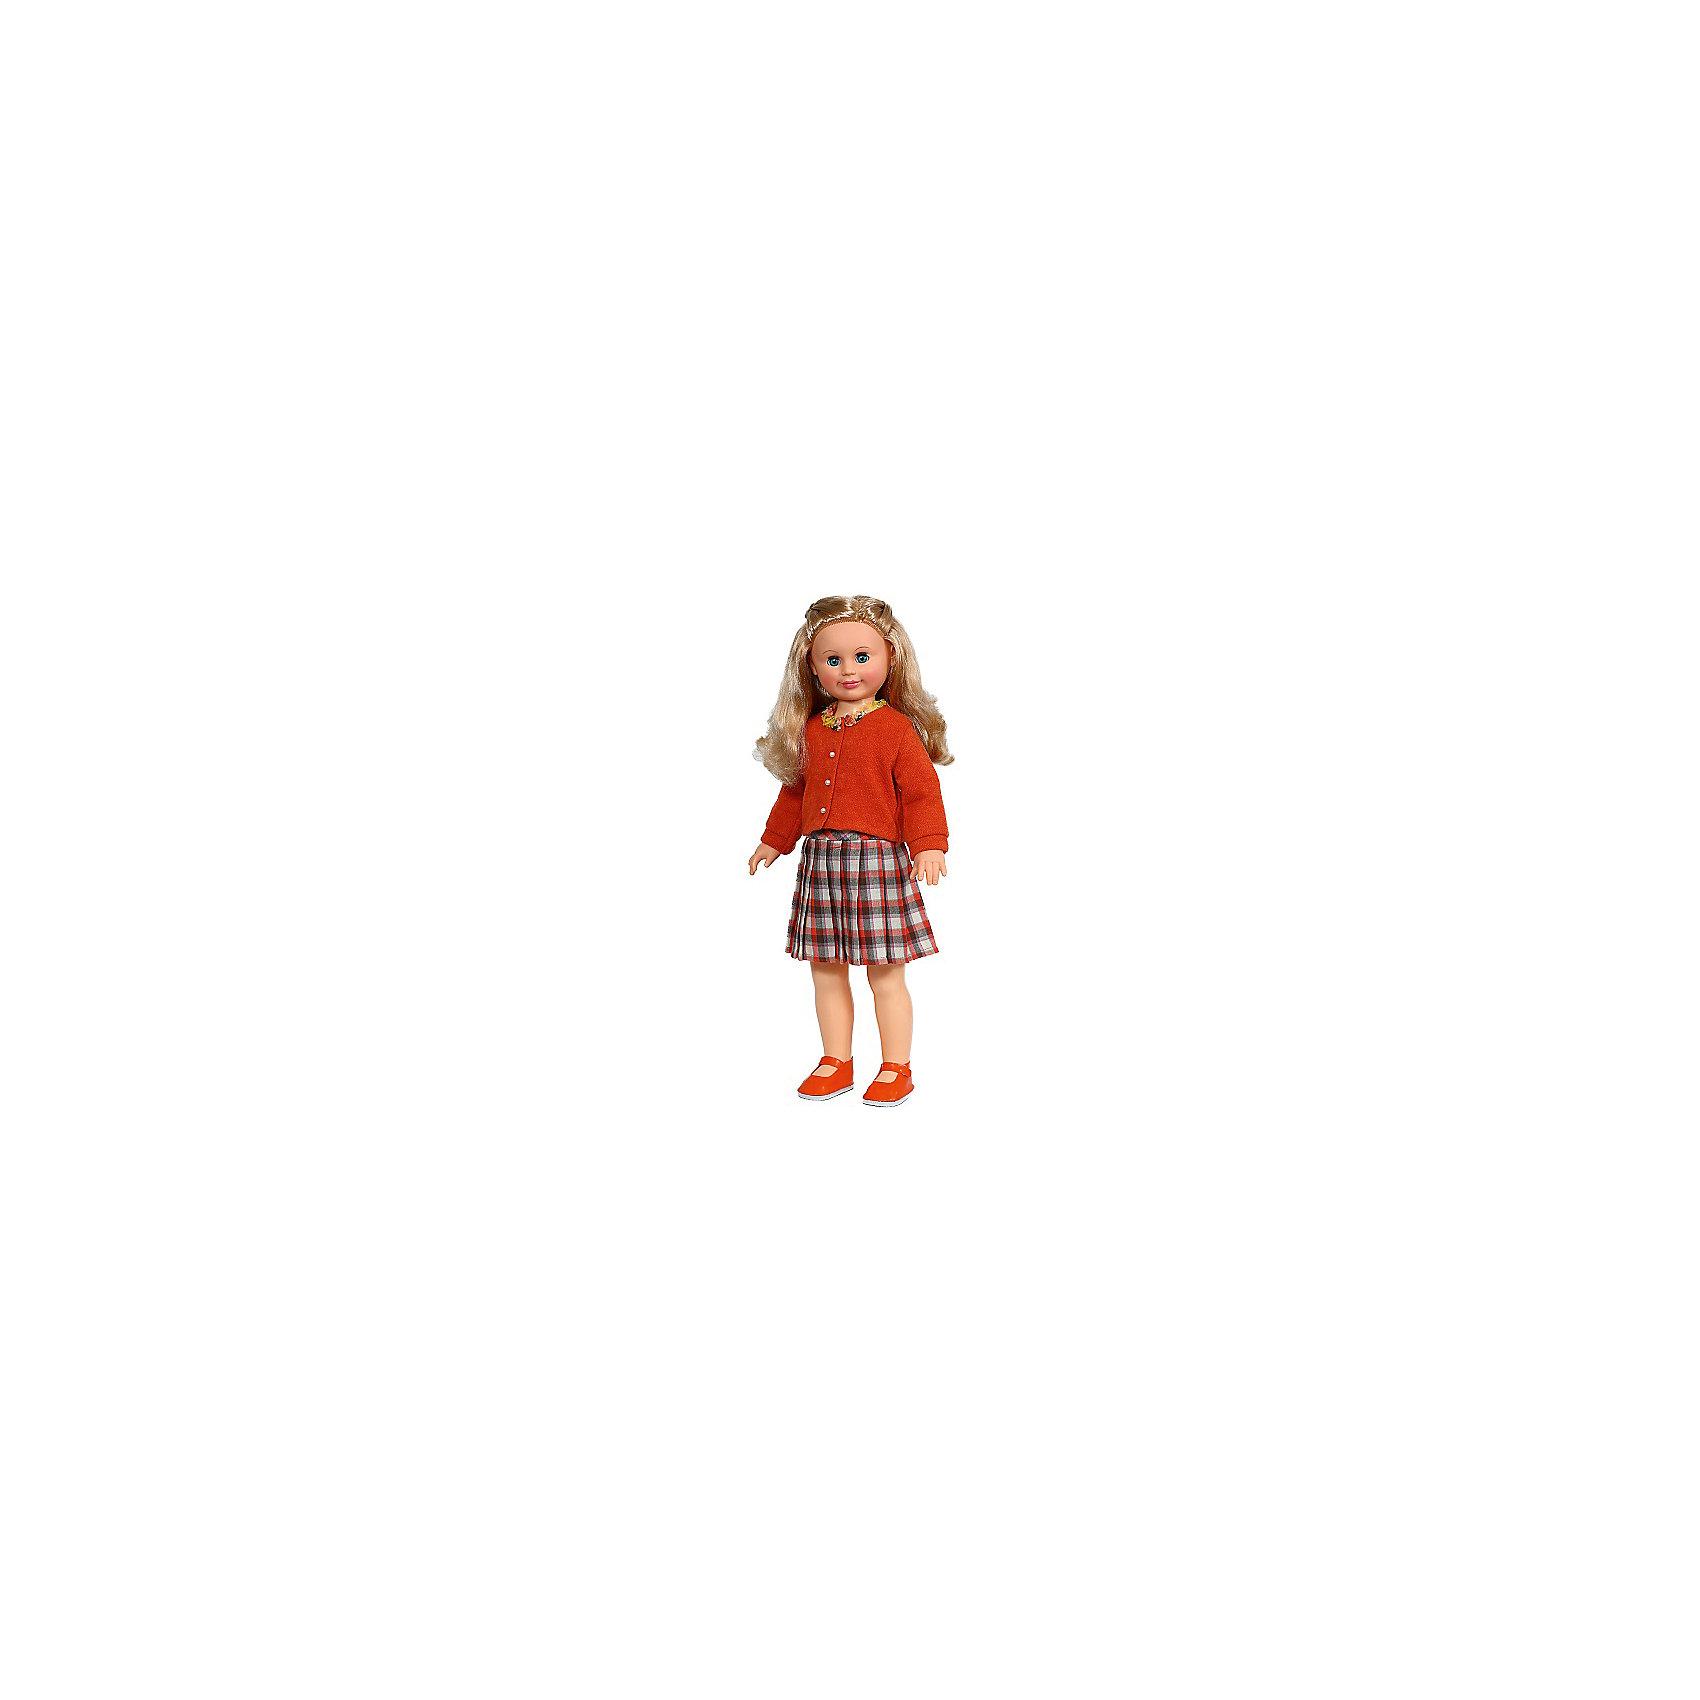 Весна Кукла Милана 21, со звуком, 70 см, Весна кукла весна алсу 35 см со звуком в1634 о